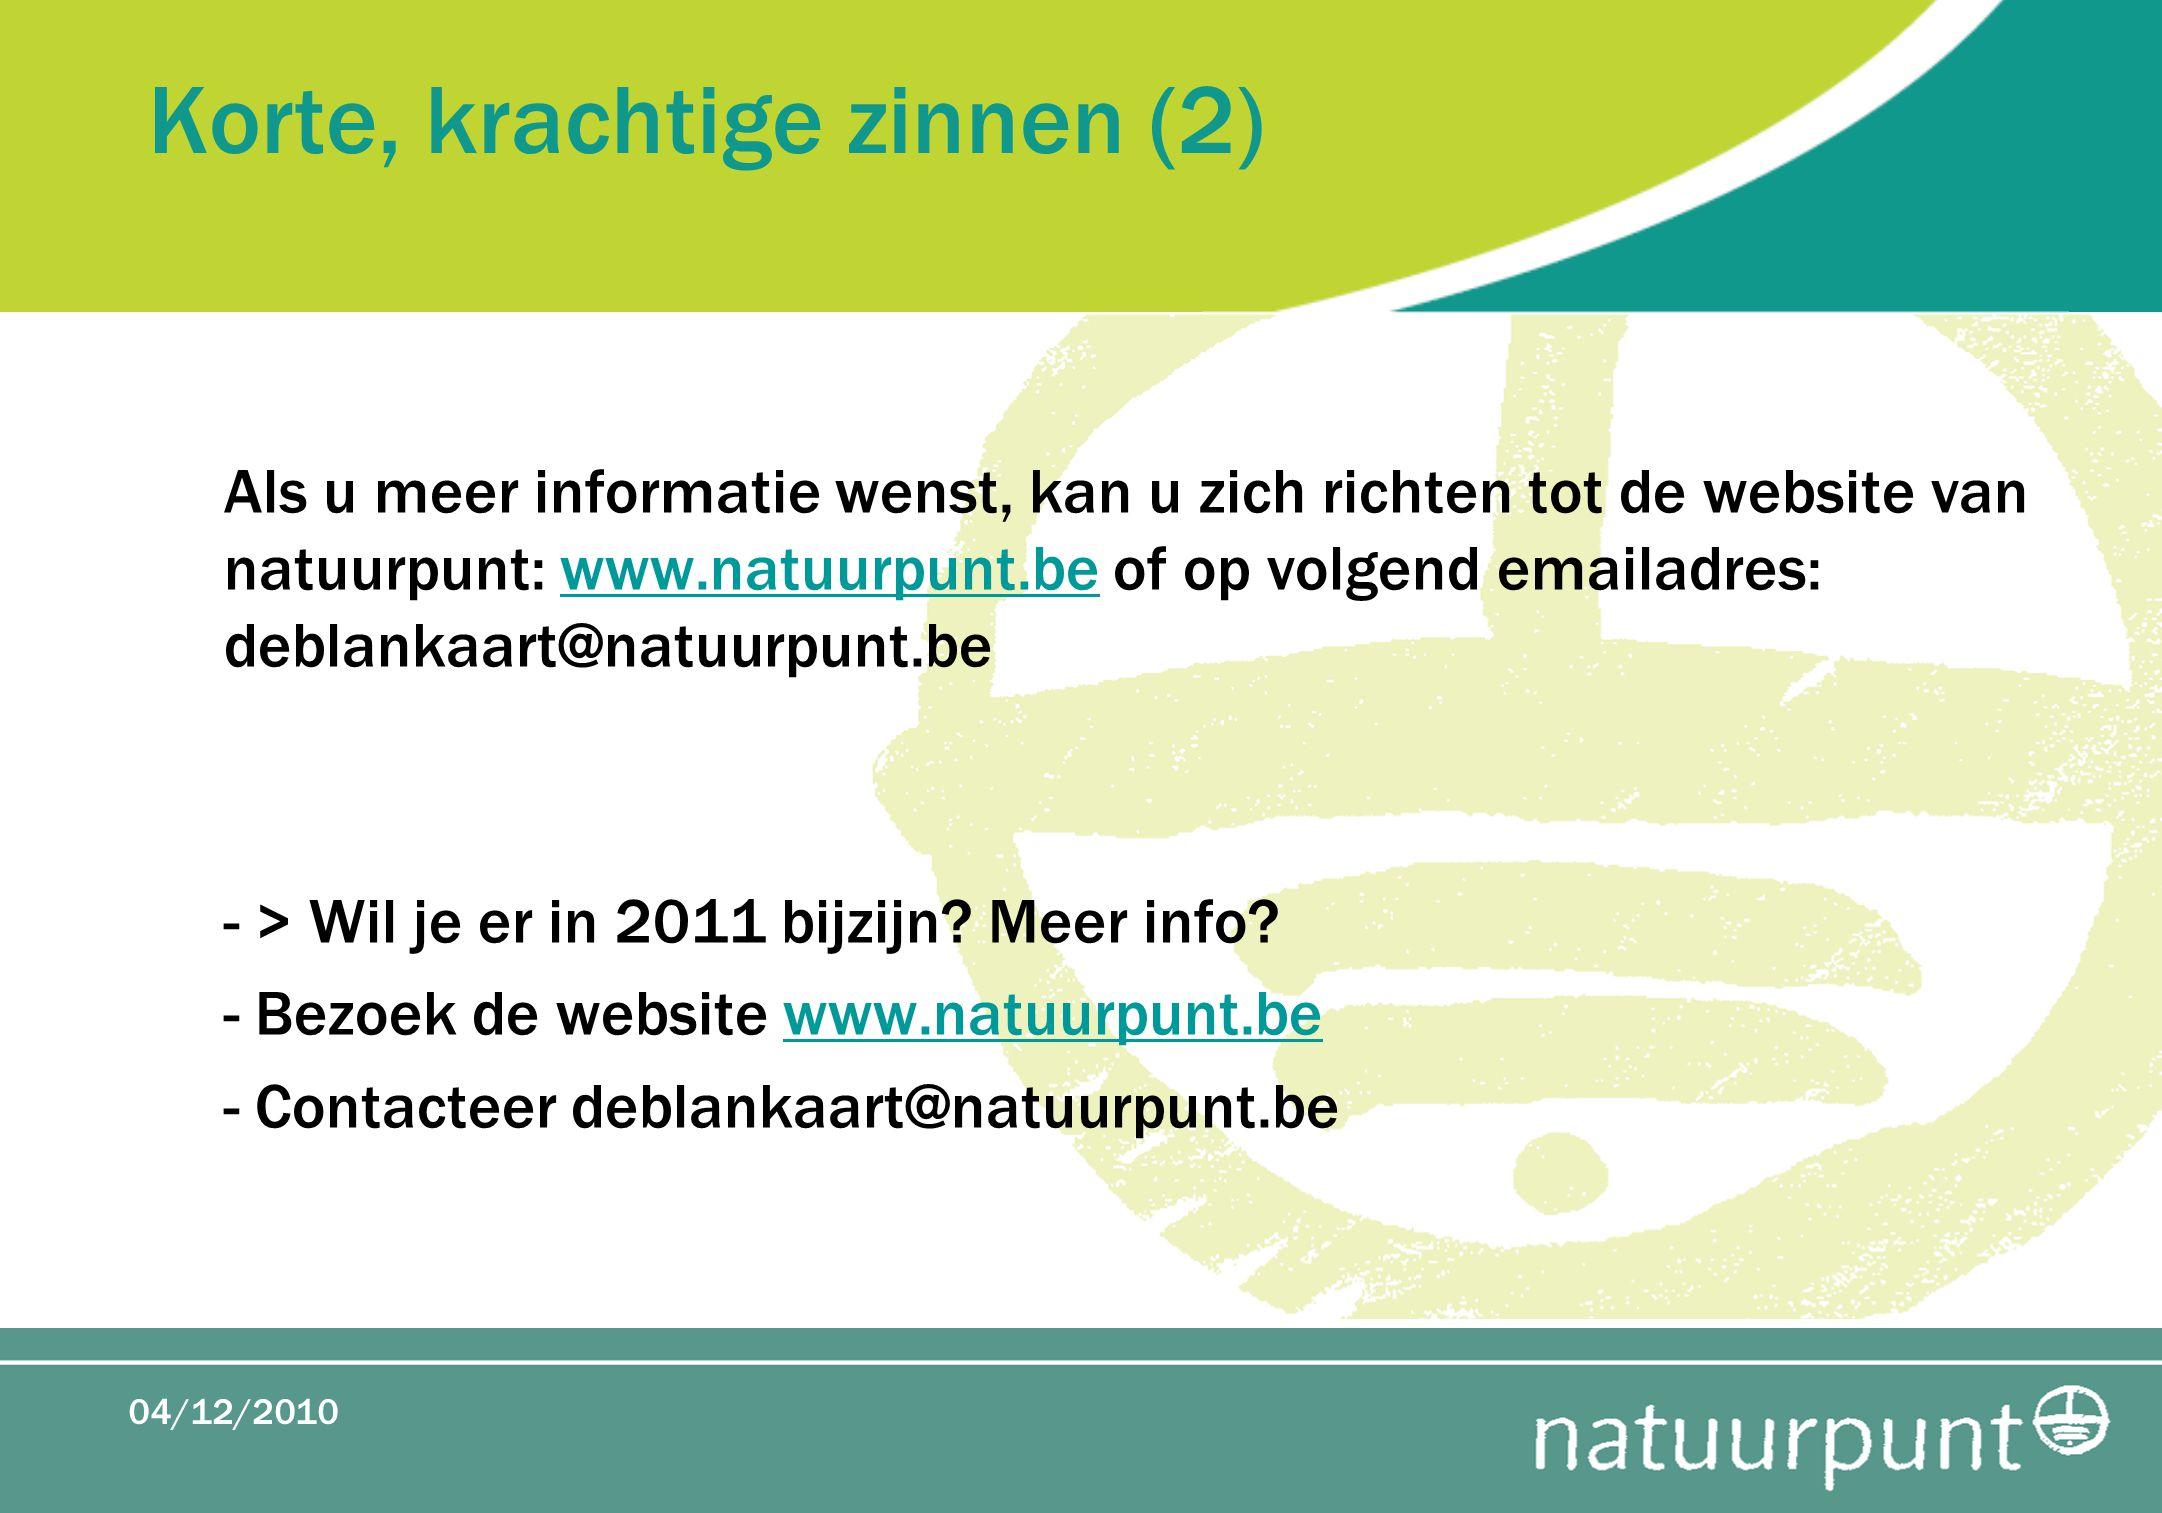 Korte, krachtige zinnen (2) Als u meer informatie wenst, kan u zich richten tot de website van natuurpunt: www.natuurpunt.be of op volgend emailadres: